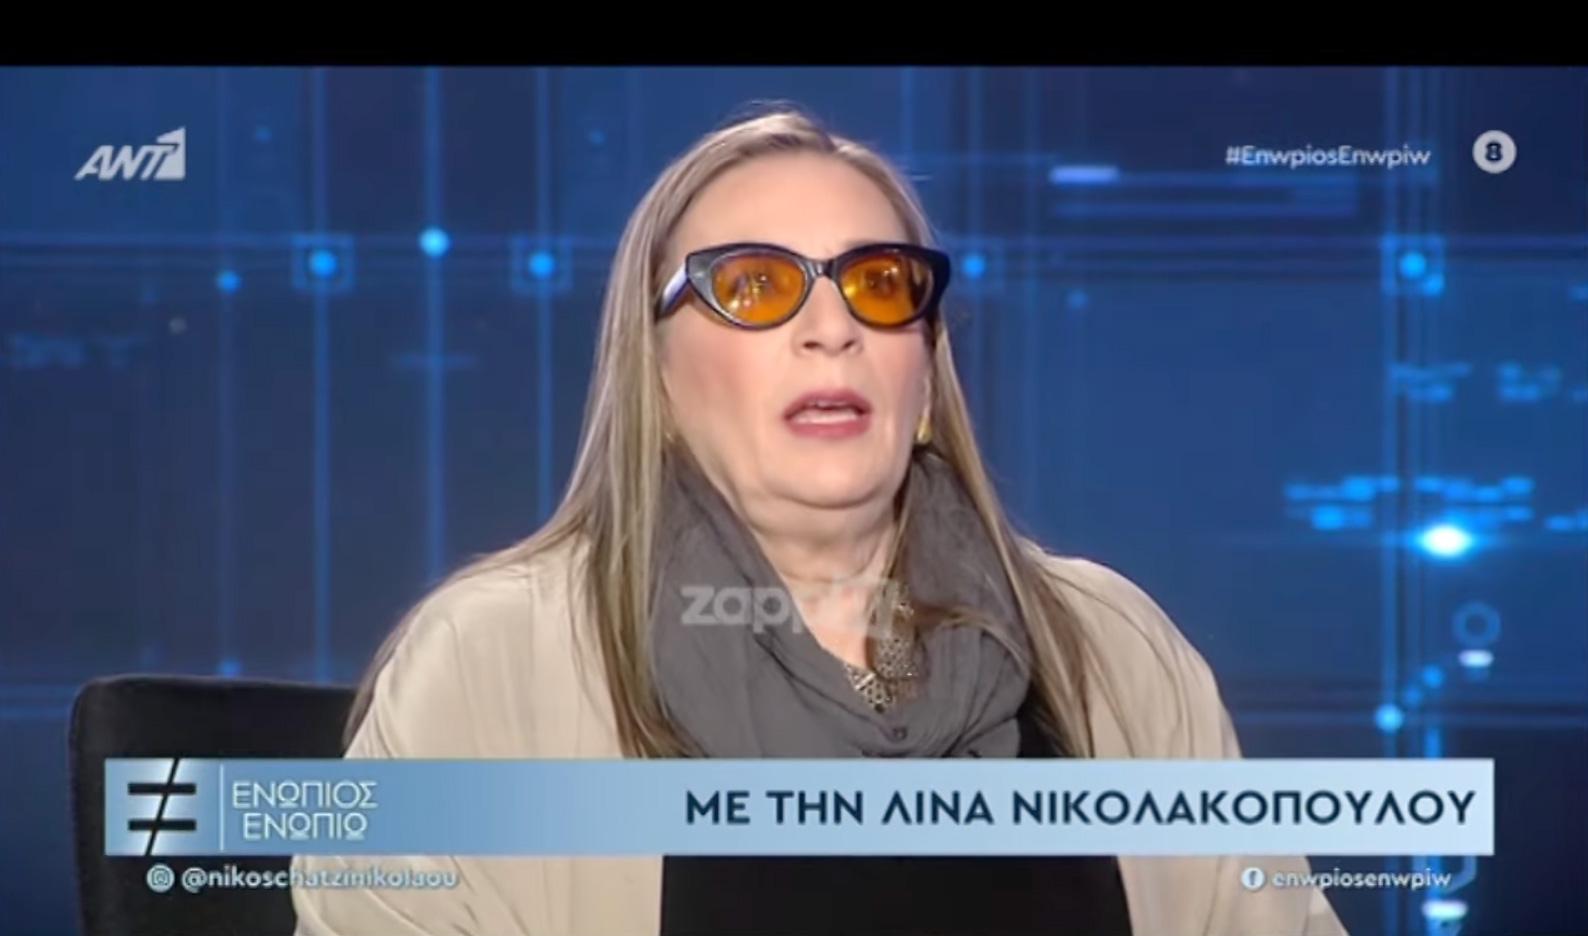 Λίνα Νικολακοπούλου: Η πρώτη συνάντηση με τον Κραουνάκη και το πιο αγαπημένο «παιδί» της